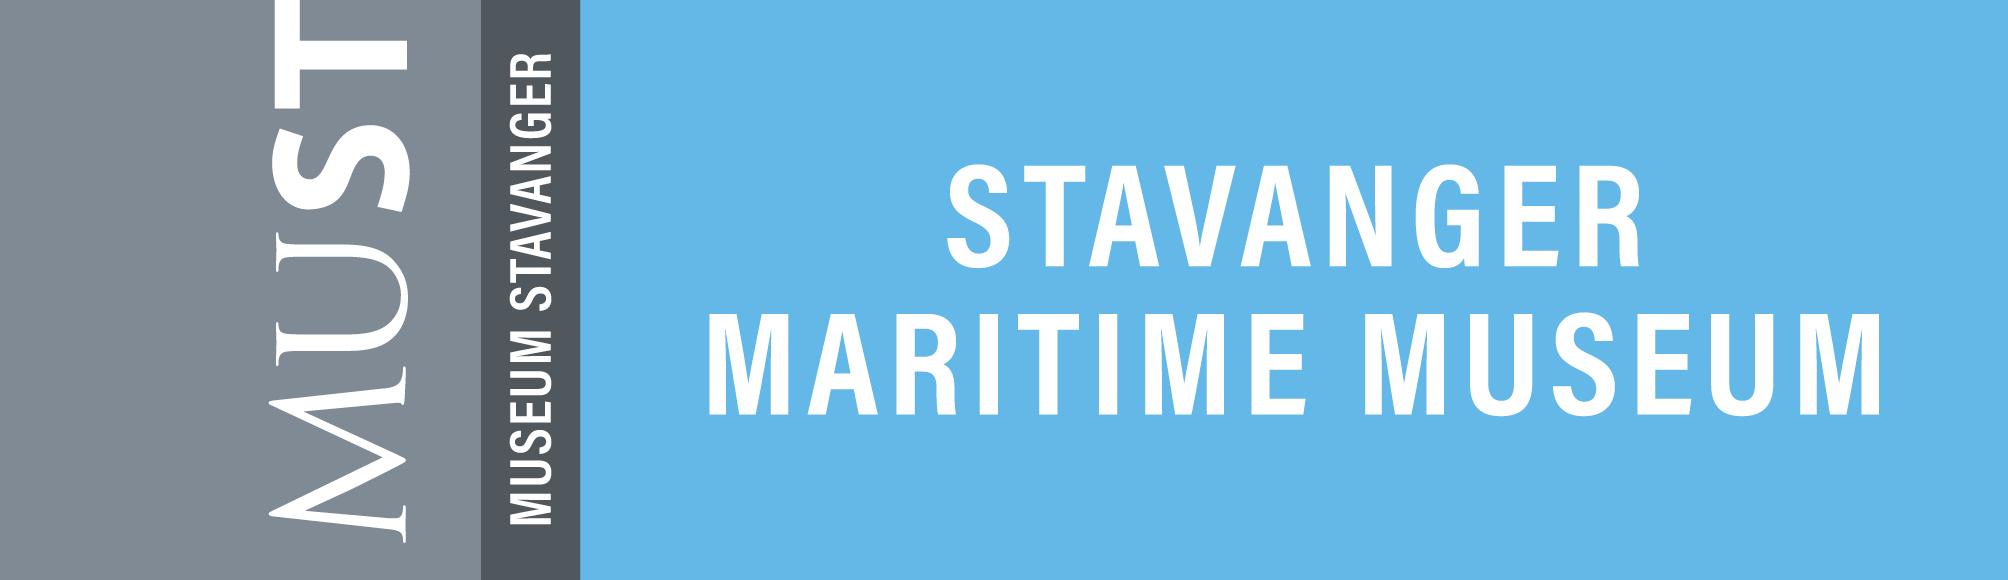 MUST_stavanger_maritime_museum.jpg